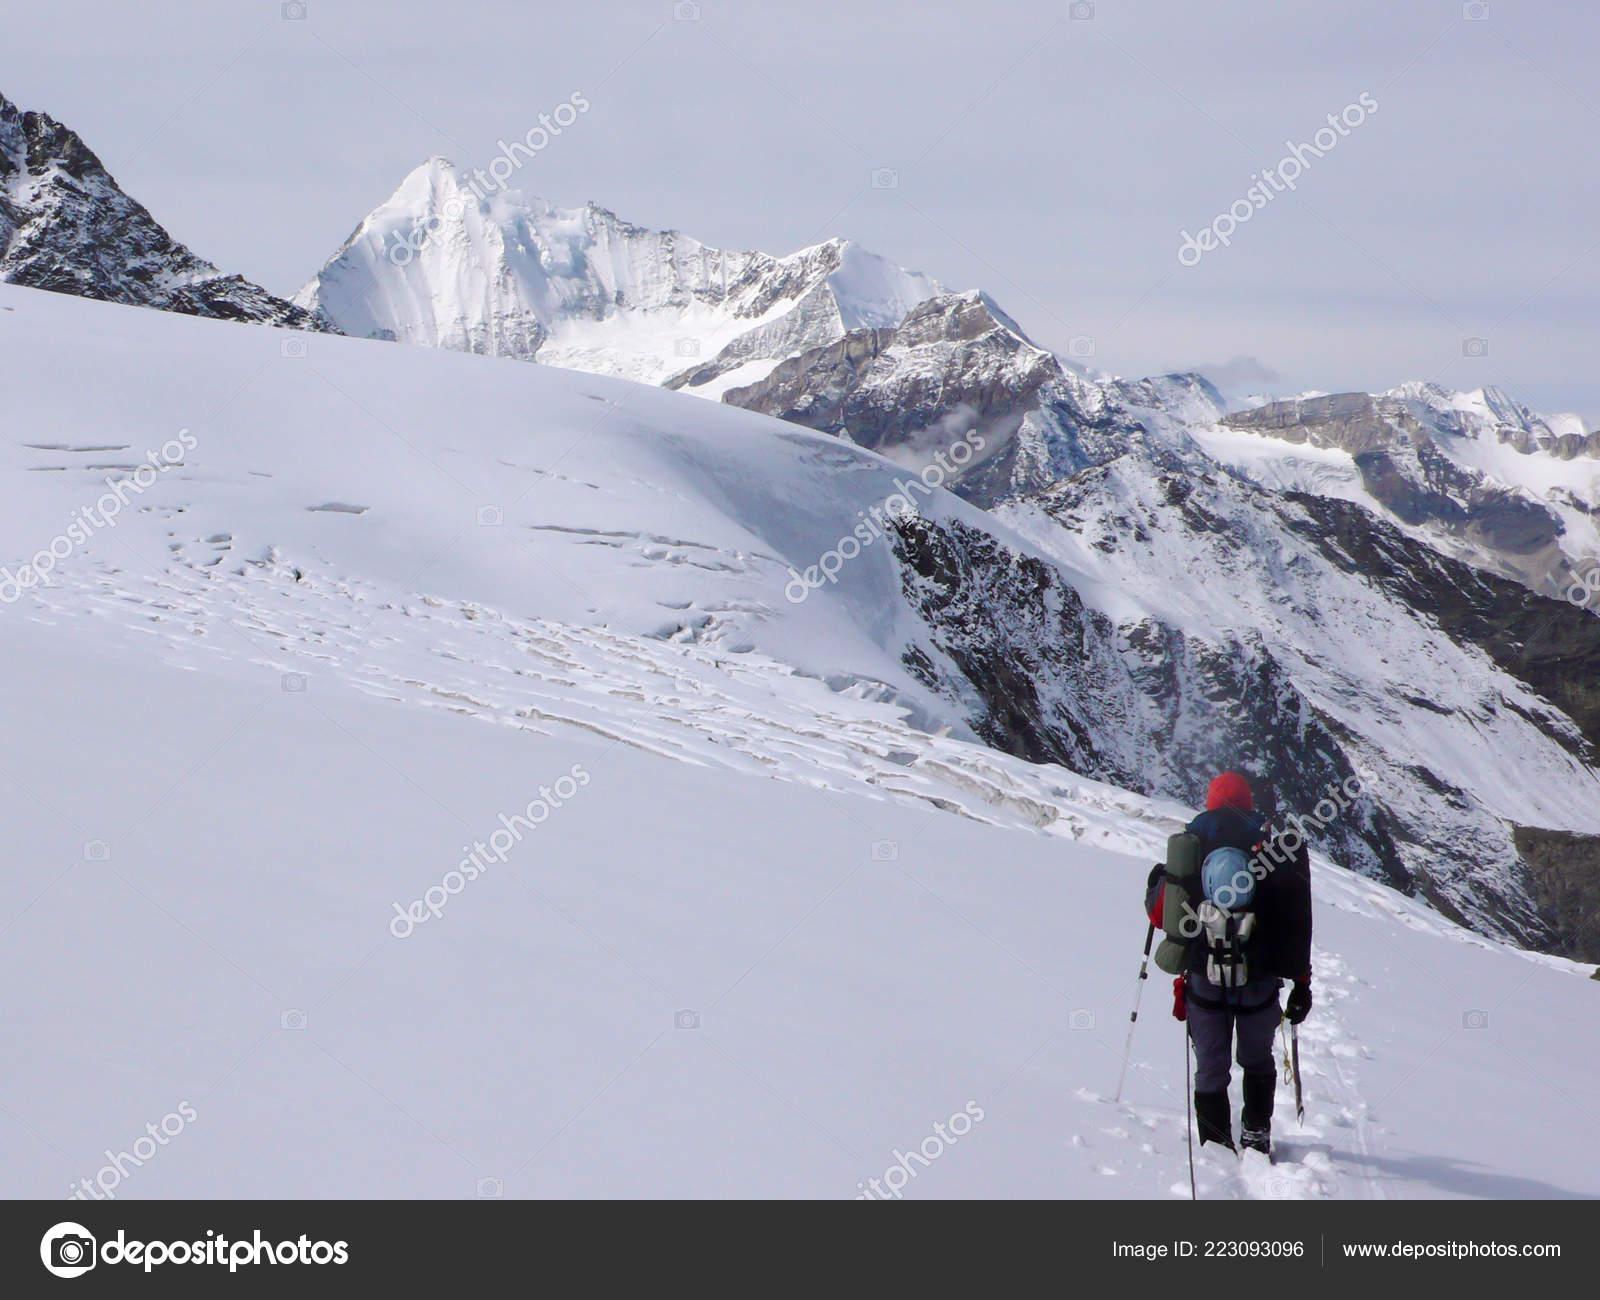 Kletterausrüstung Kaufen Schweiz : Einzelne männliche bergsteiger mit viel kletterausrüstung der